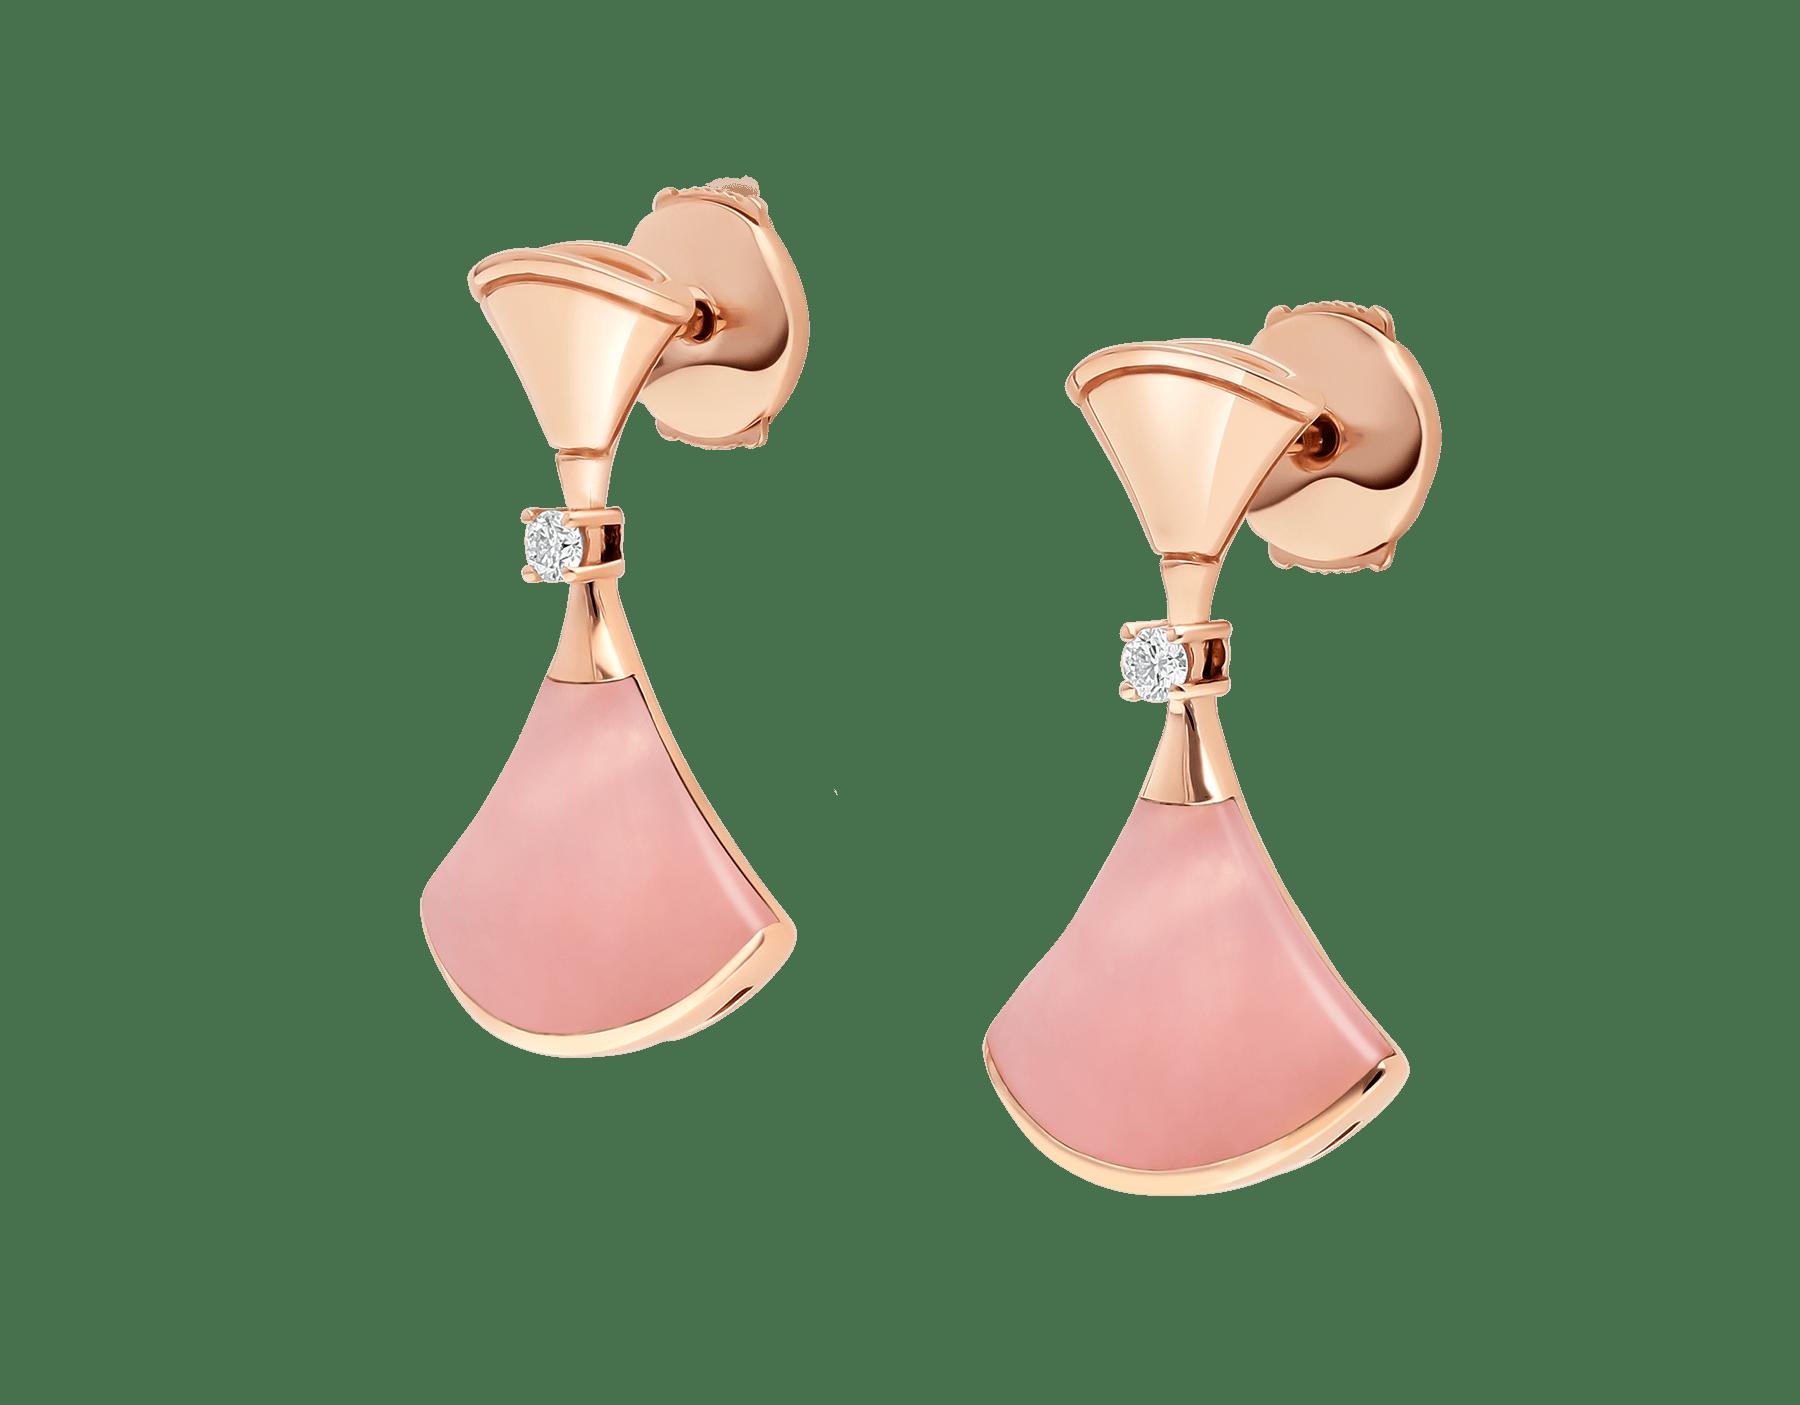 日本先行発売のディーヴァ ドリーム イヤリング。ピンクオパールのインサート、パヴェダイヤモンドをあしらった18Kピンクゴールド製。 357862 image 3